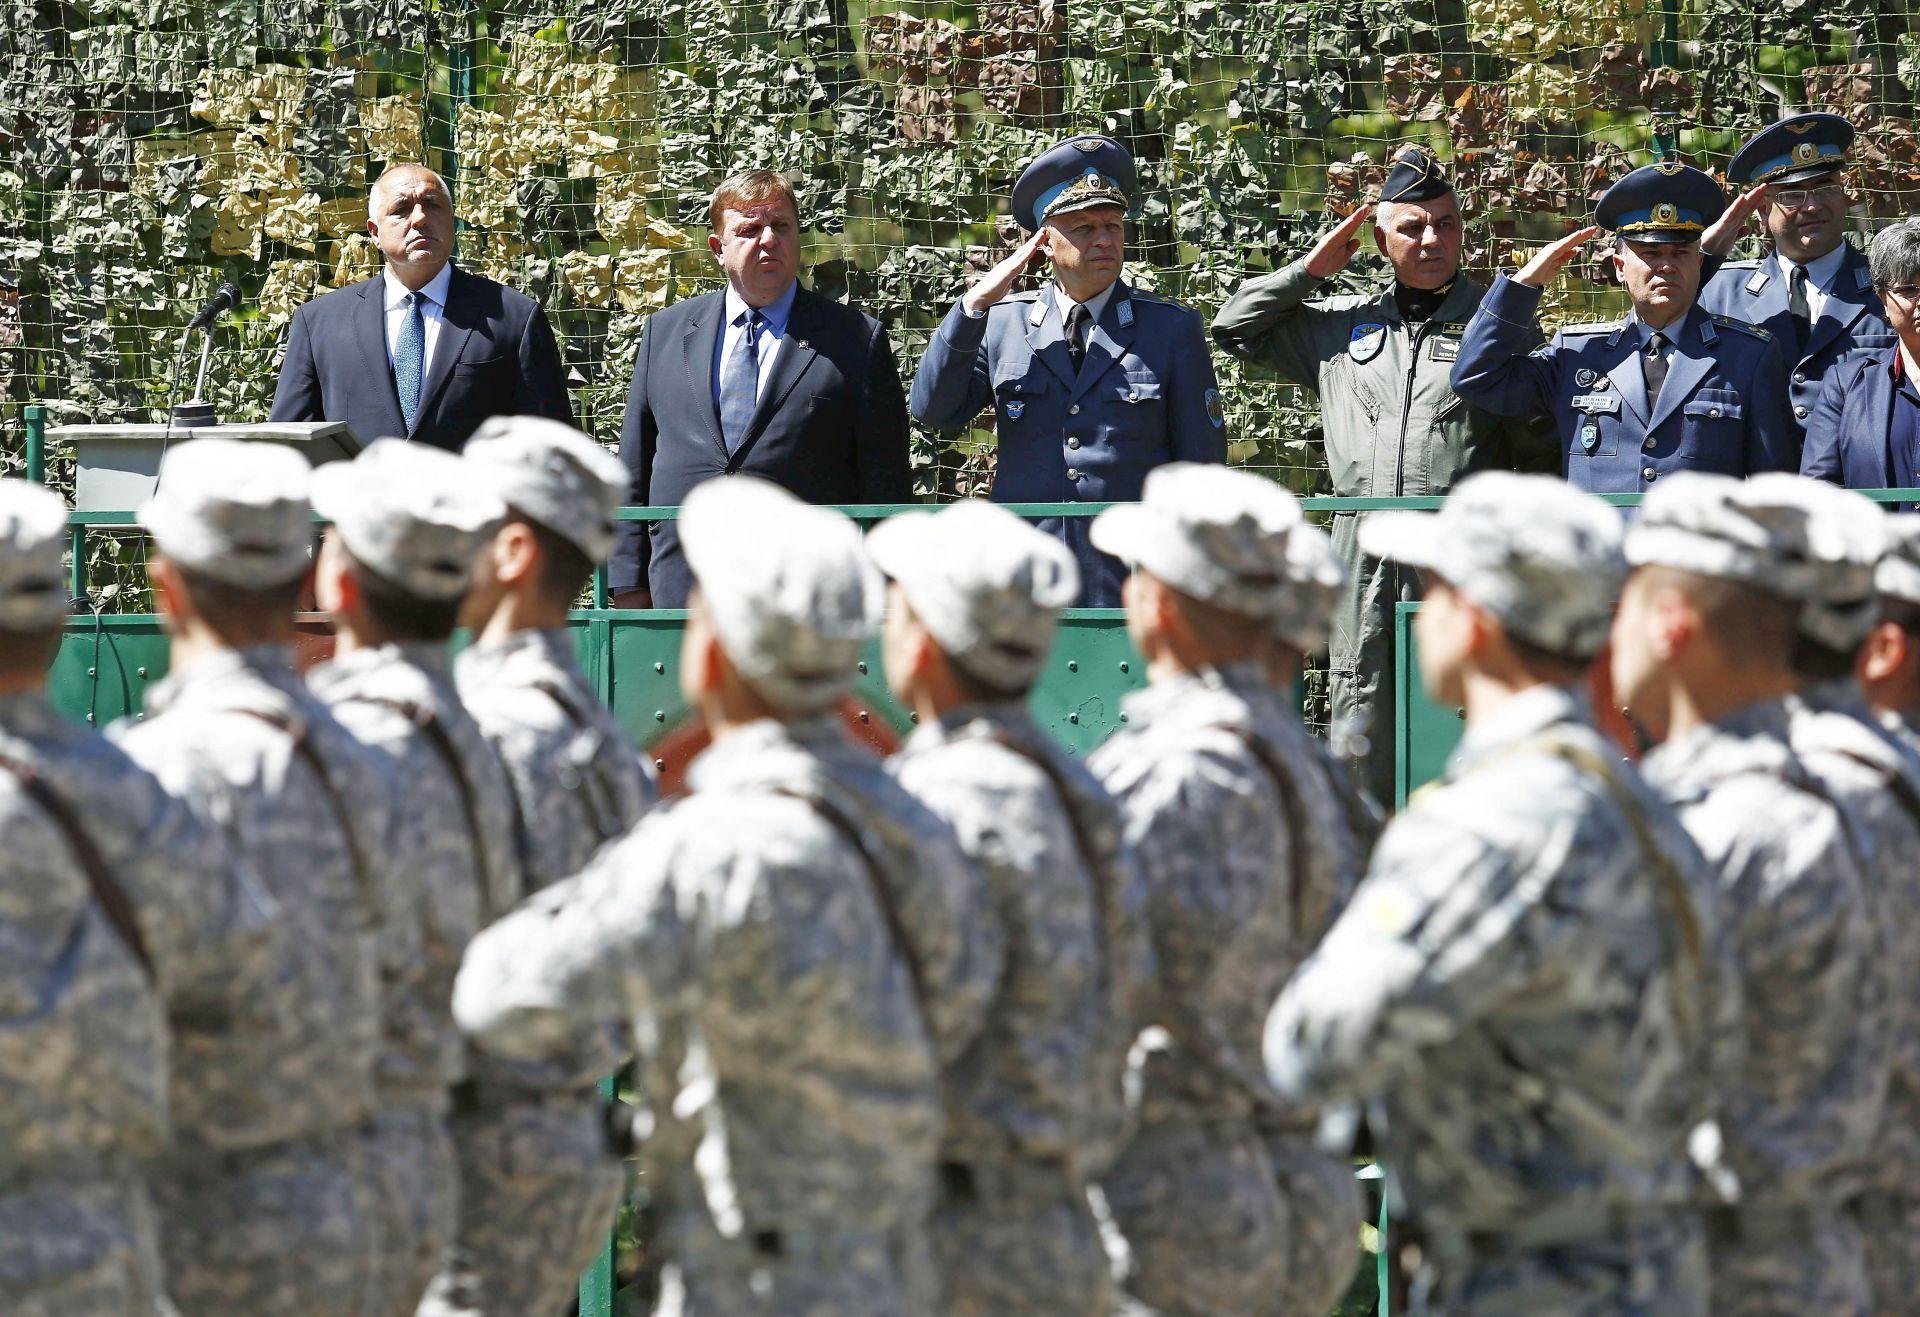 Премиерът бе придружен при посещението си в Долна Митрополия от министъра на отбраната Красимир Каракачанов и от командира на Военновъздушните сили генерал-майор Цанко Стойков